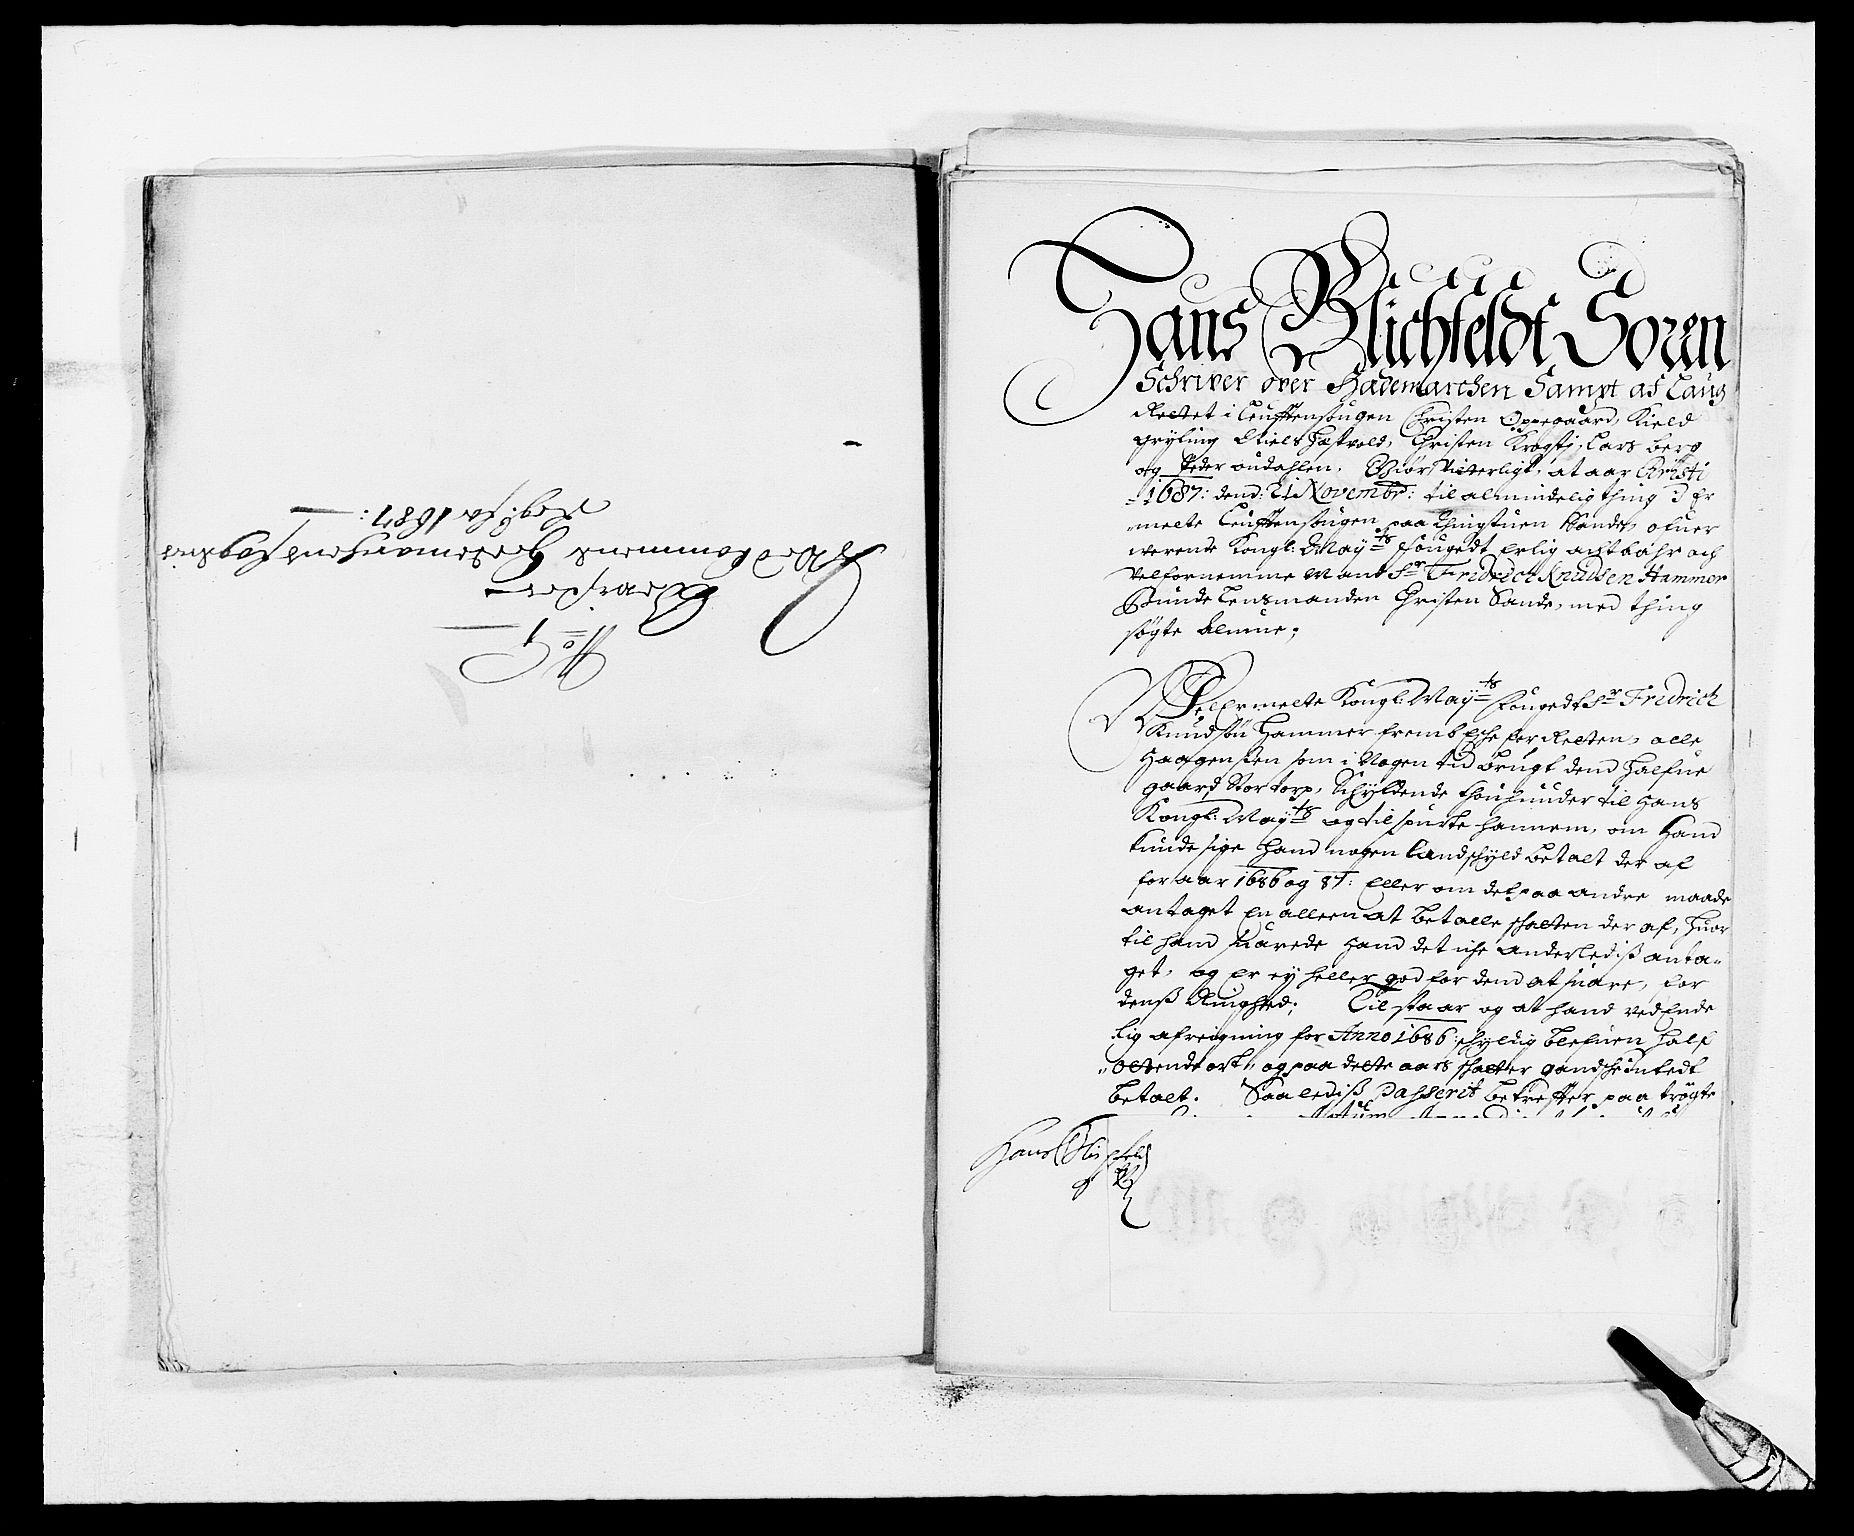 RA, Rentekammeret inntil 1814, Reviderte regnskaper, Fogderegnskap, R16/L1028: Fogderegnskap Hedmark, 1687, s. 163